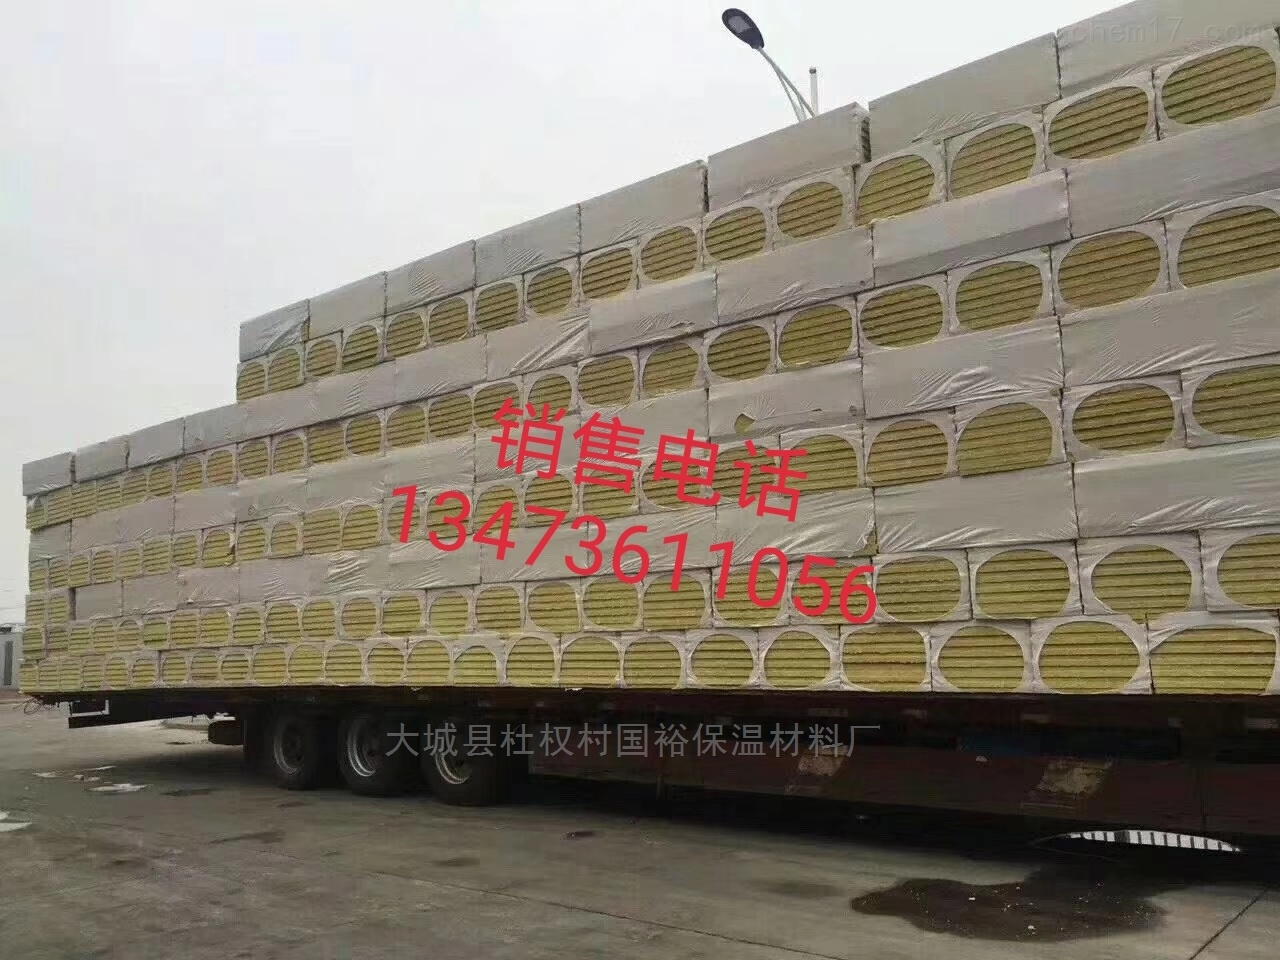 吉林省白松市A级外墙阻燃岩棉板出厂价格